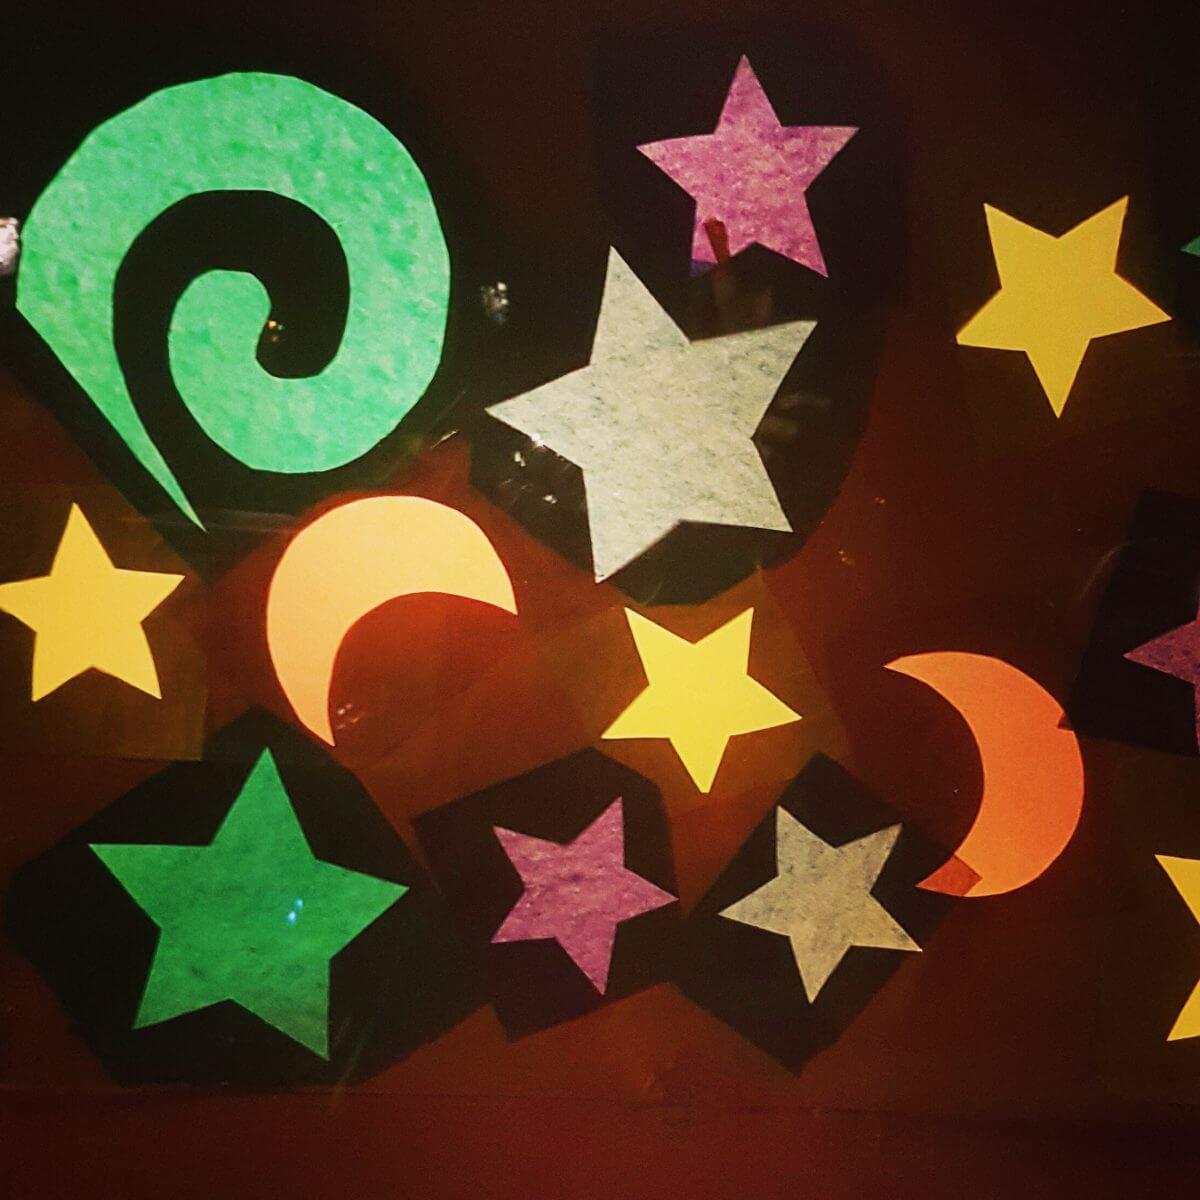 """""""Kerst knutselen: heel veel leuke ideeën"""" is geblokkeerd Kerst knutselen: heel veel leuke ideeën"""